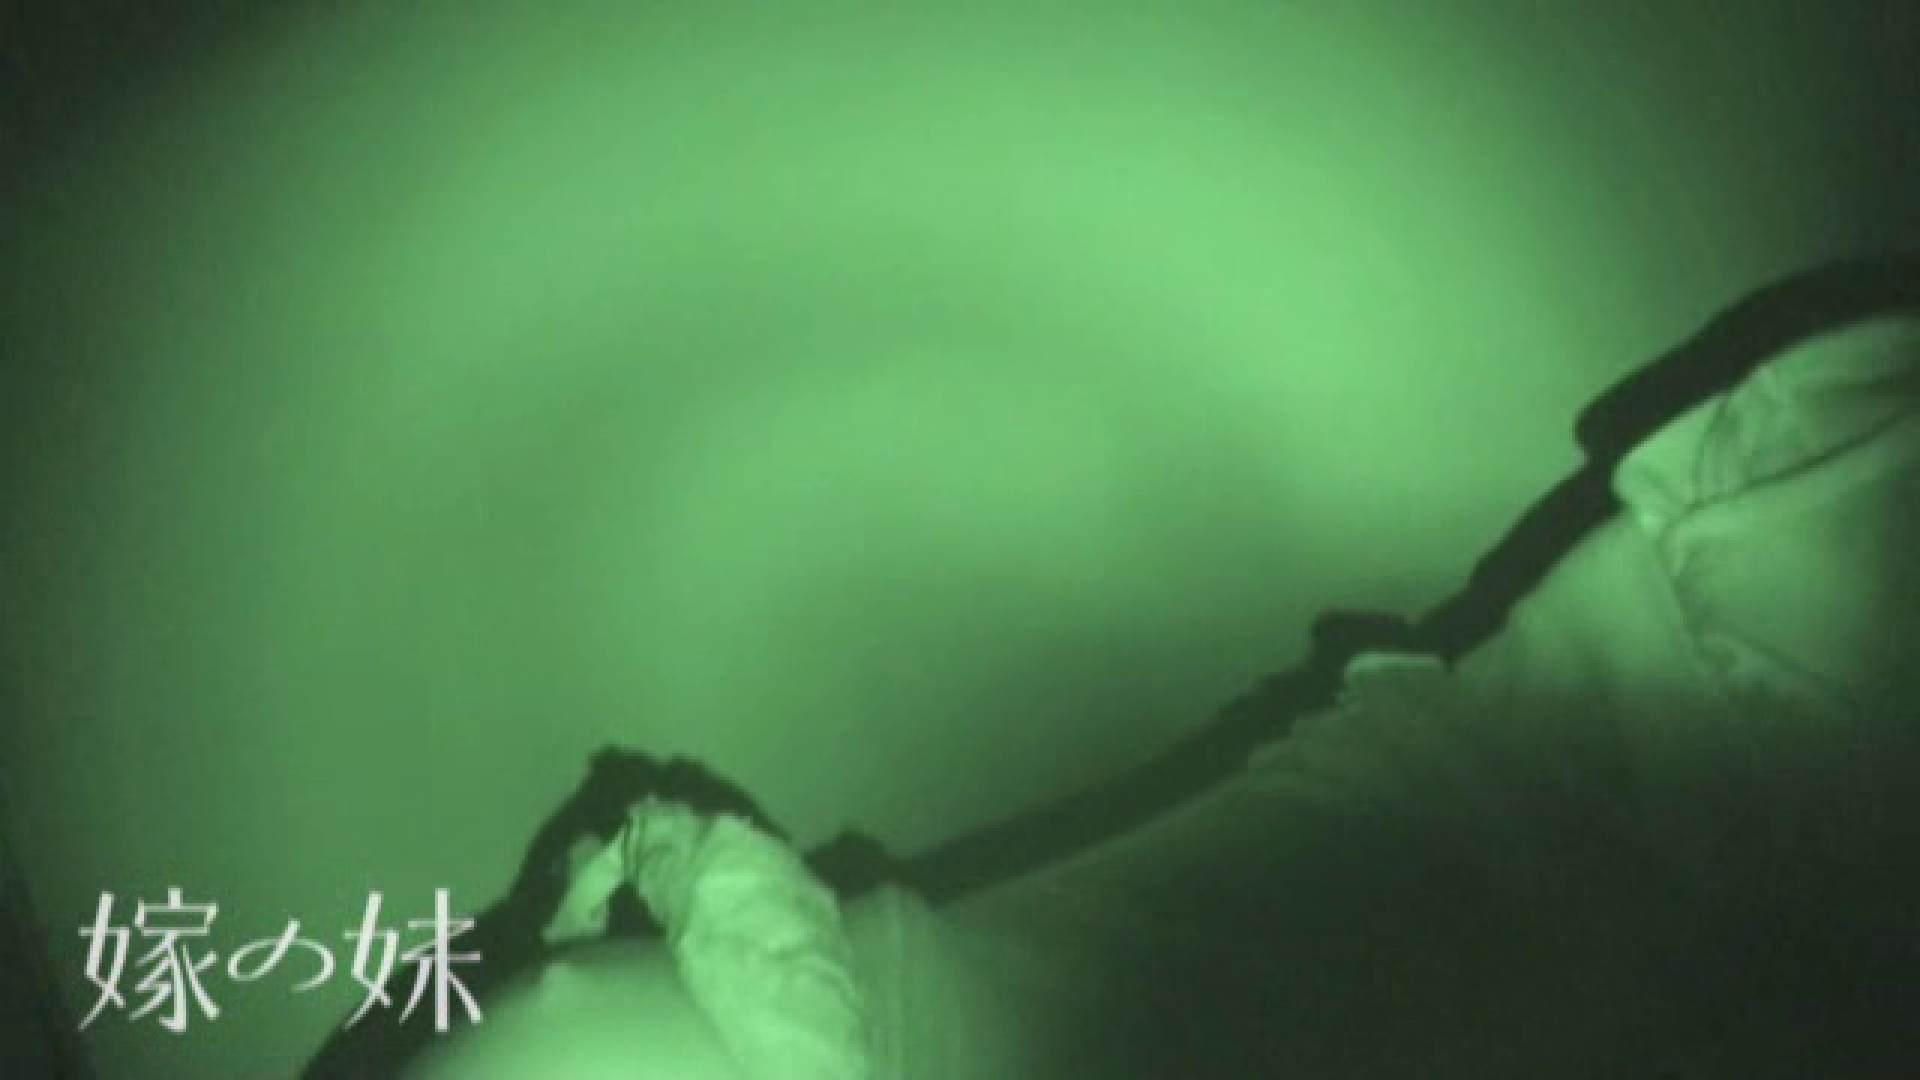 居候中の嫁の妹 盗撮 セックス画像 75PIX 58